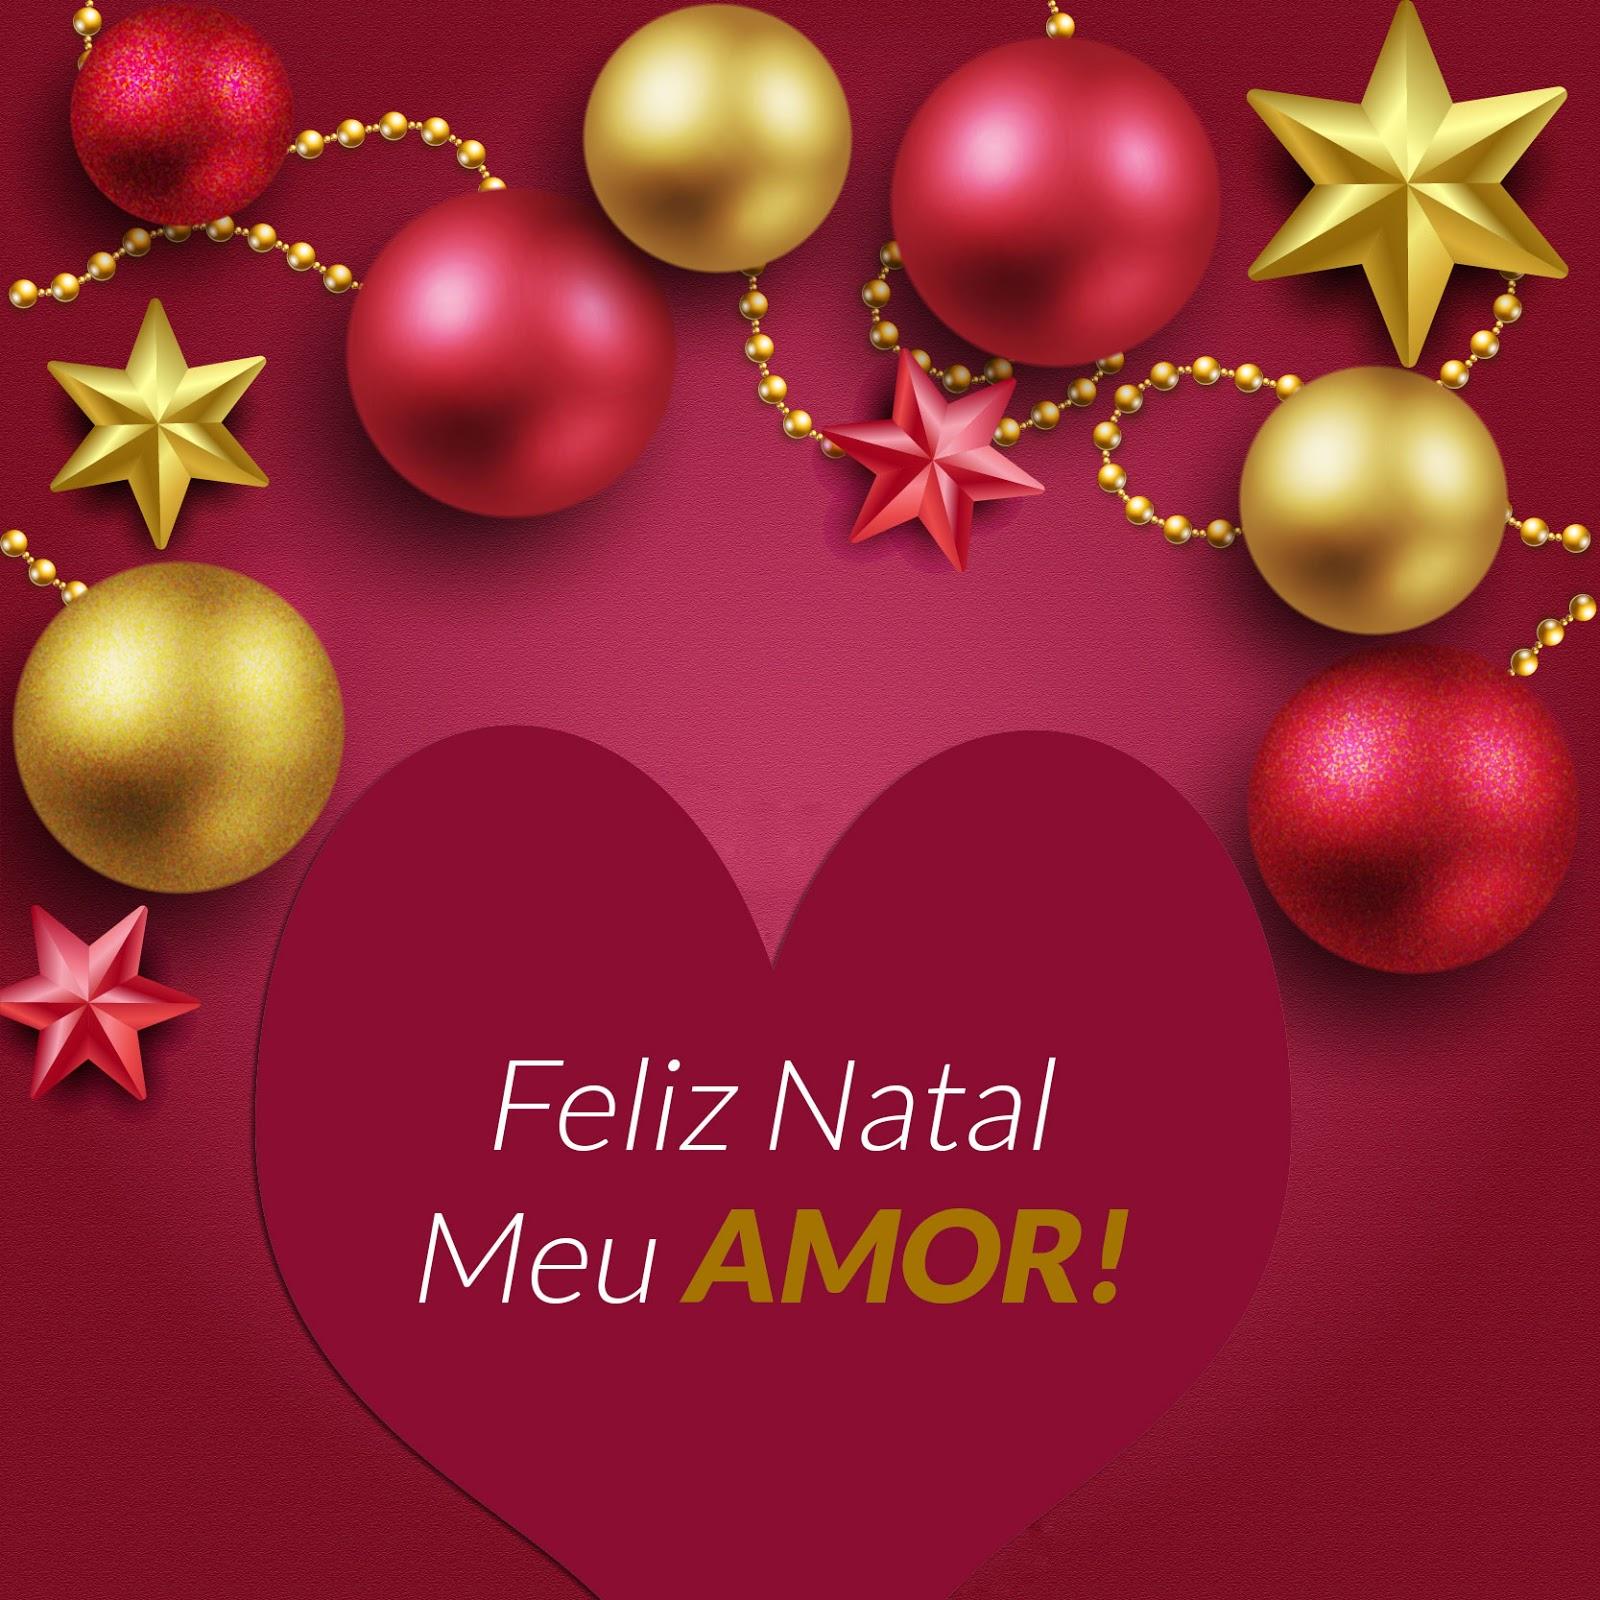 Mensagens de natal para namorado - Feliz Natal Meu AMOR!